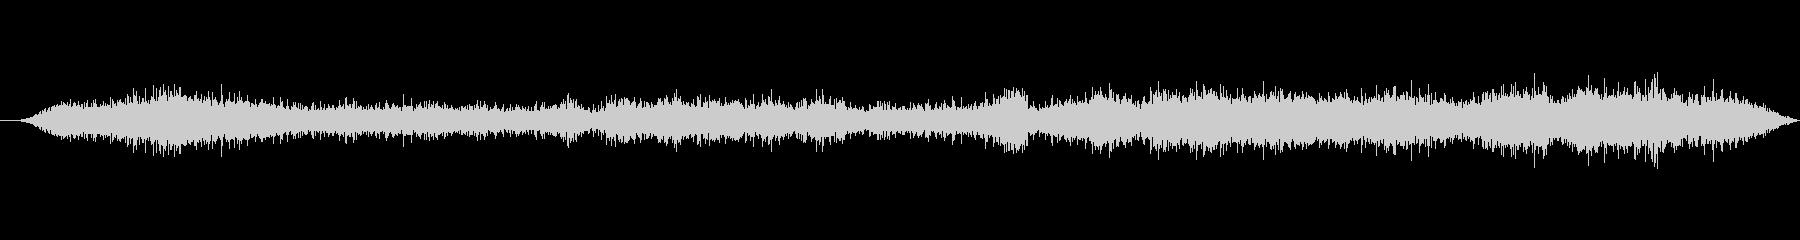 メロディカ:不協和音、ロングの未再生の波形